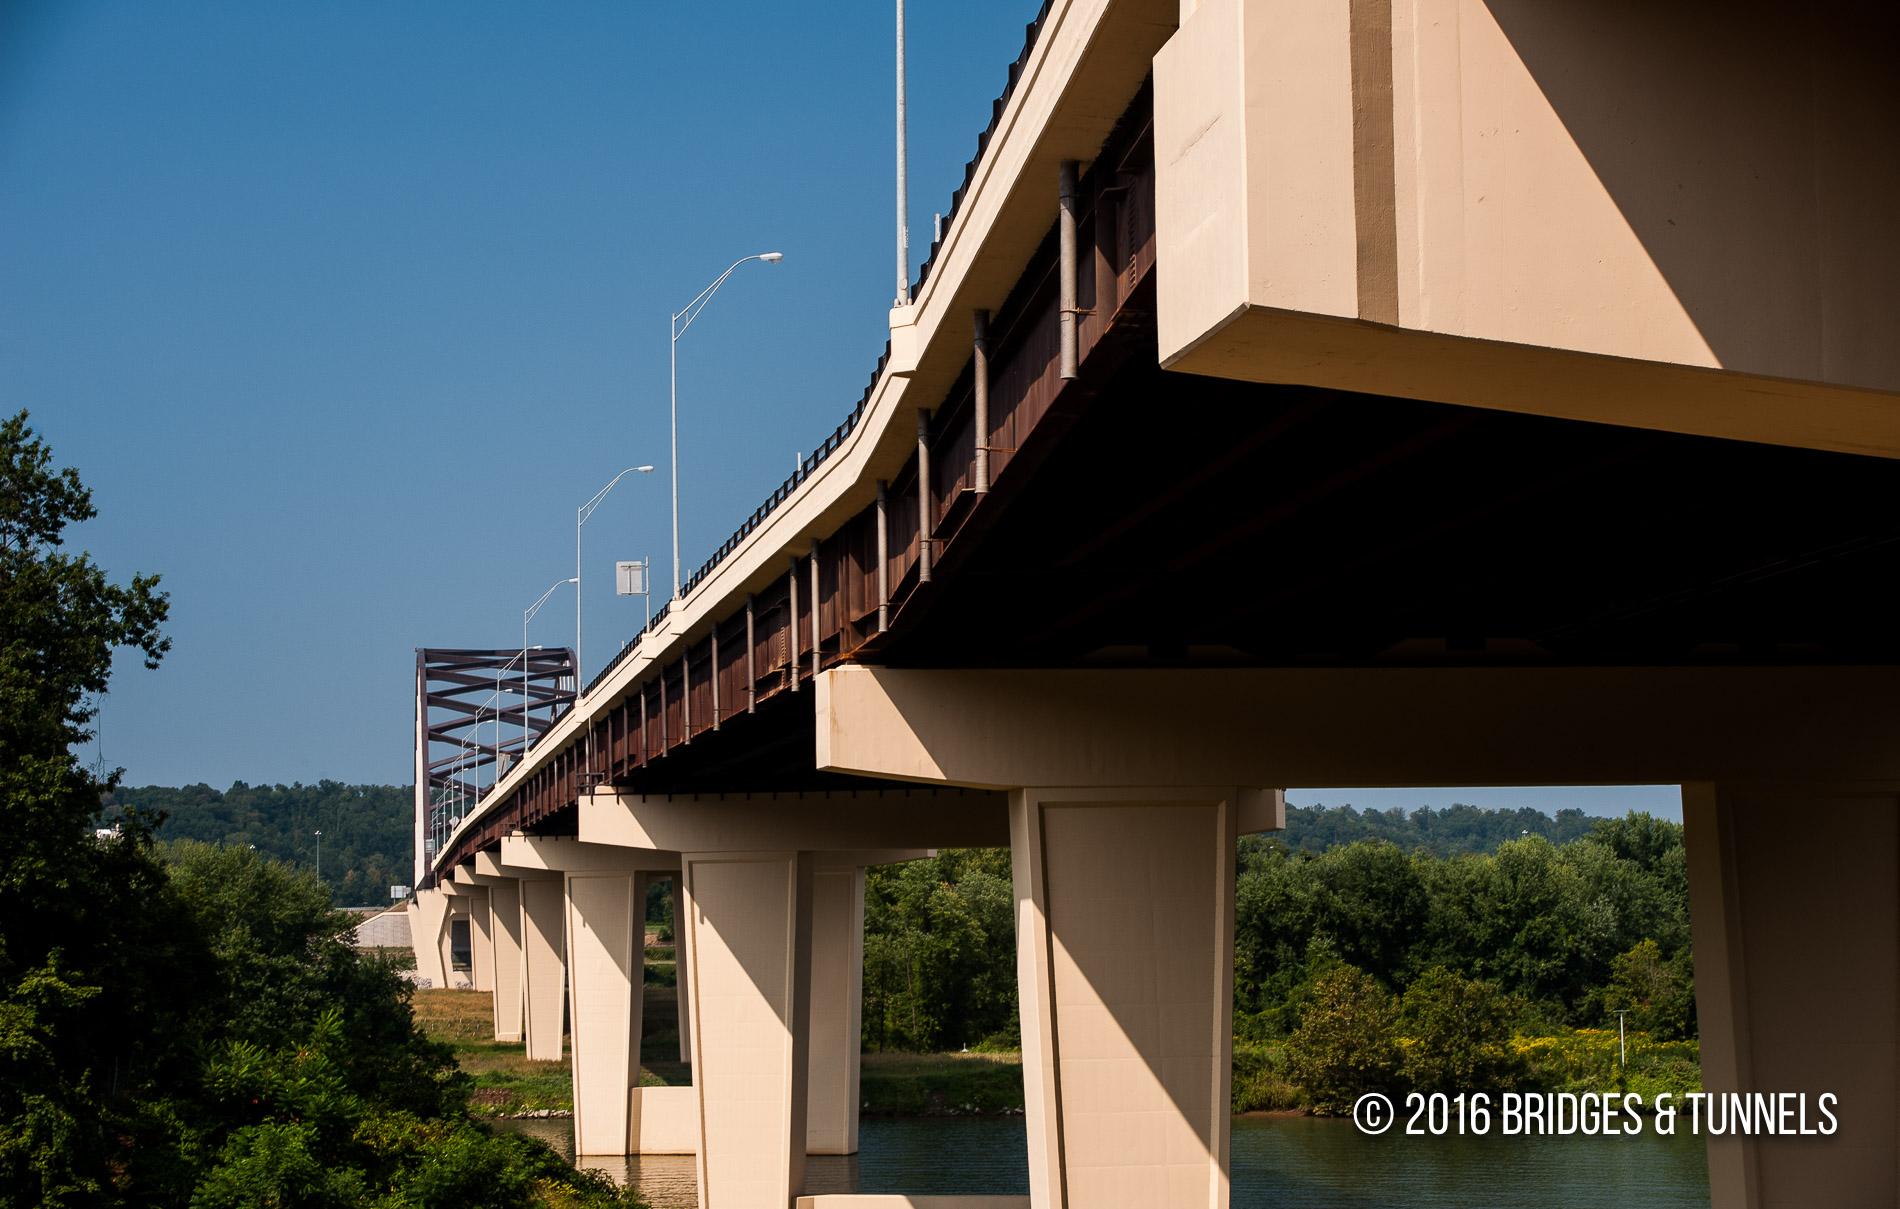 Blennerhassett Bridge (US 50)